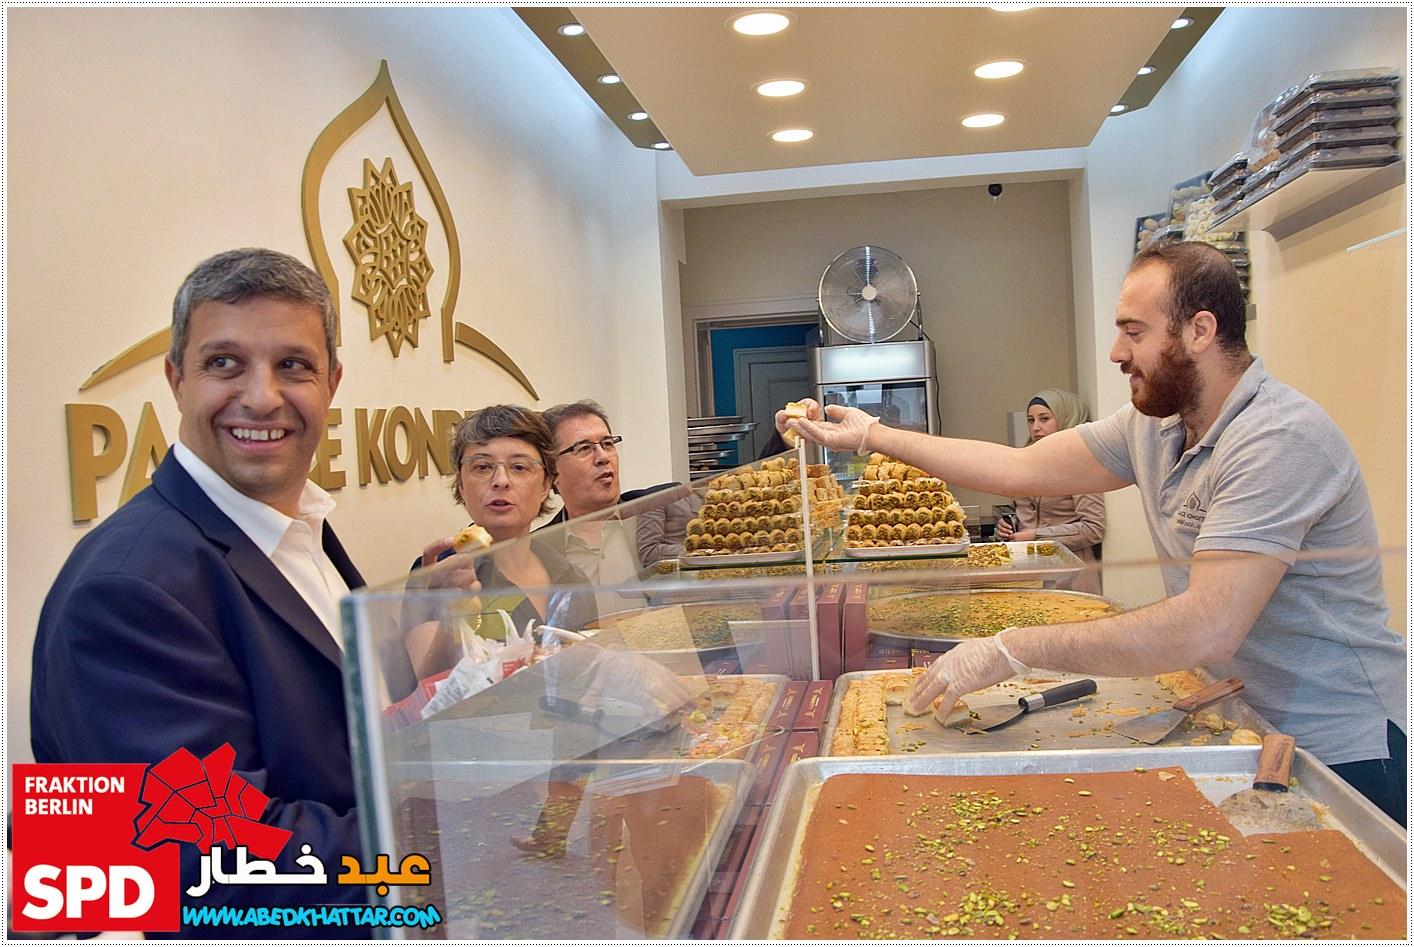 زيارة وفد الحزب الاشتراكي الديمقراطي/ SPD الى شارع العرب بمناسبة حلول عيد الفطر السعيد